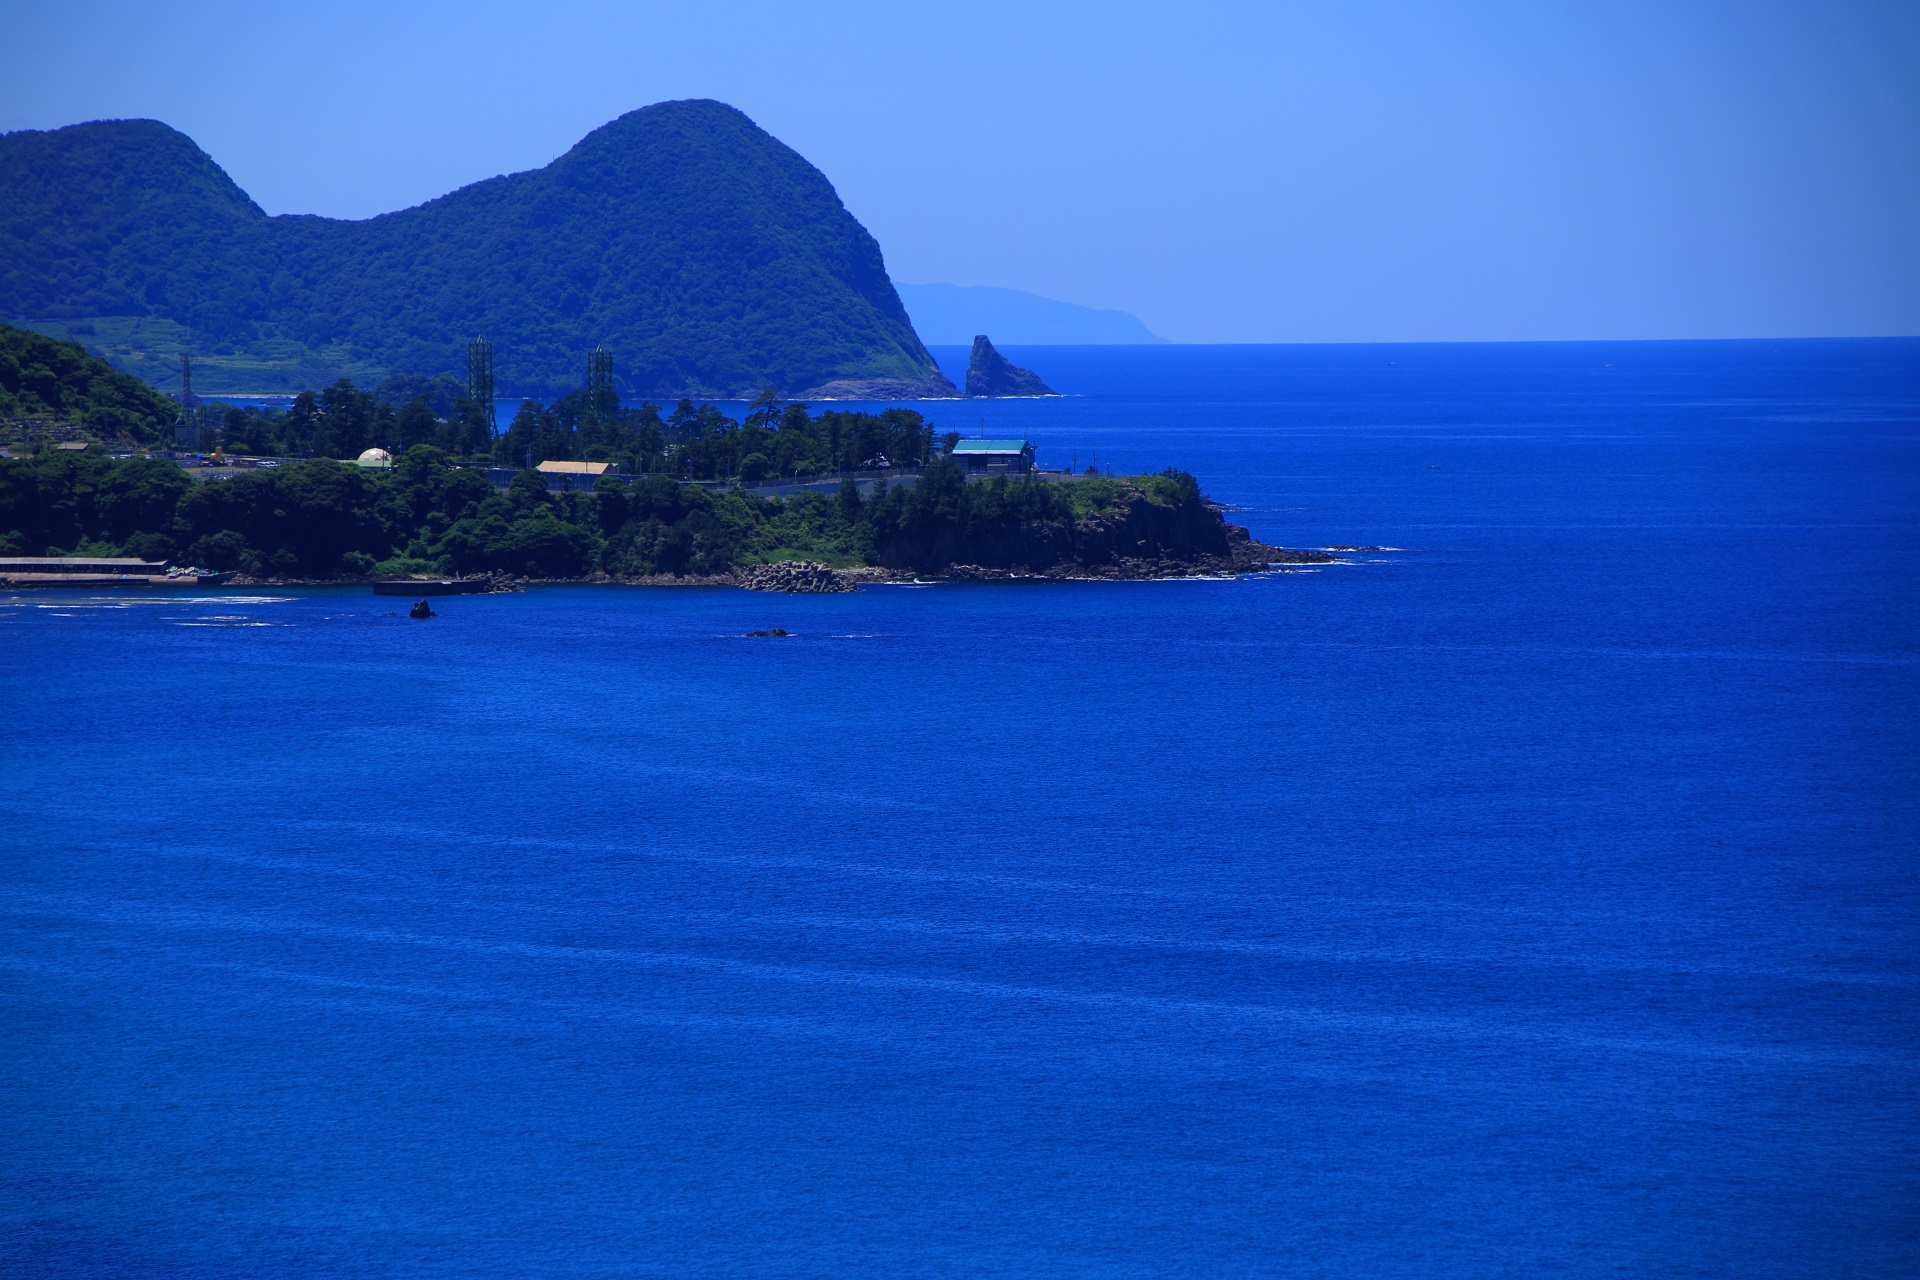 京丹後の経ヶ岬(きょうがみさき)の見事なコバルトブルーの海